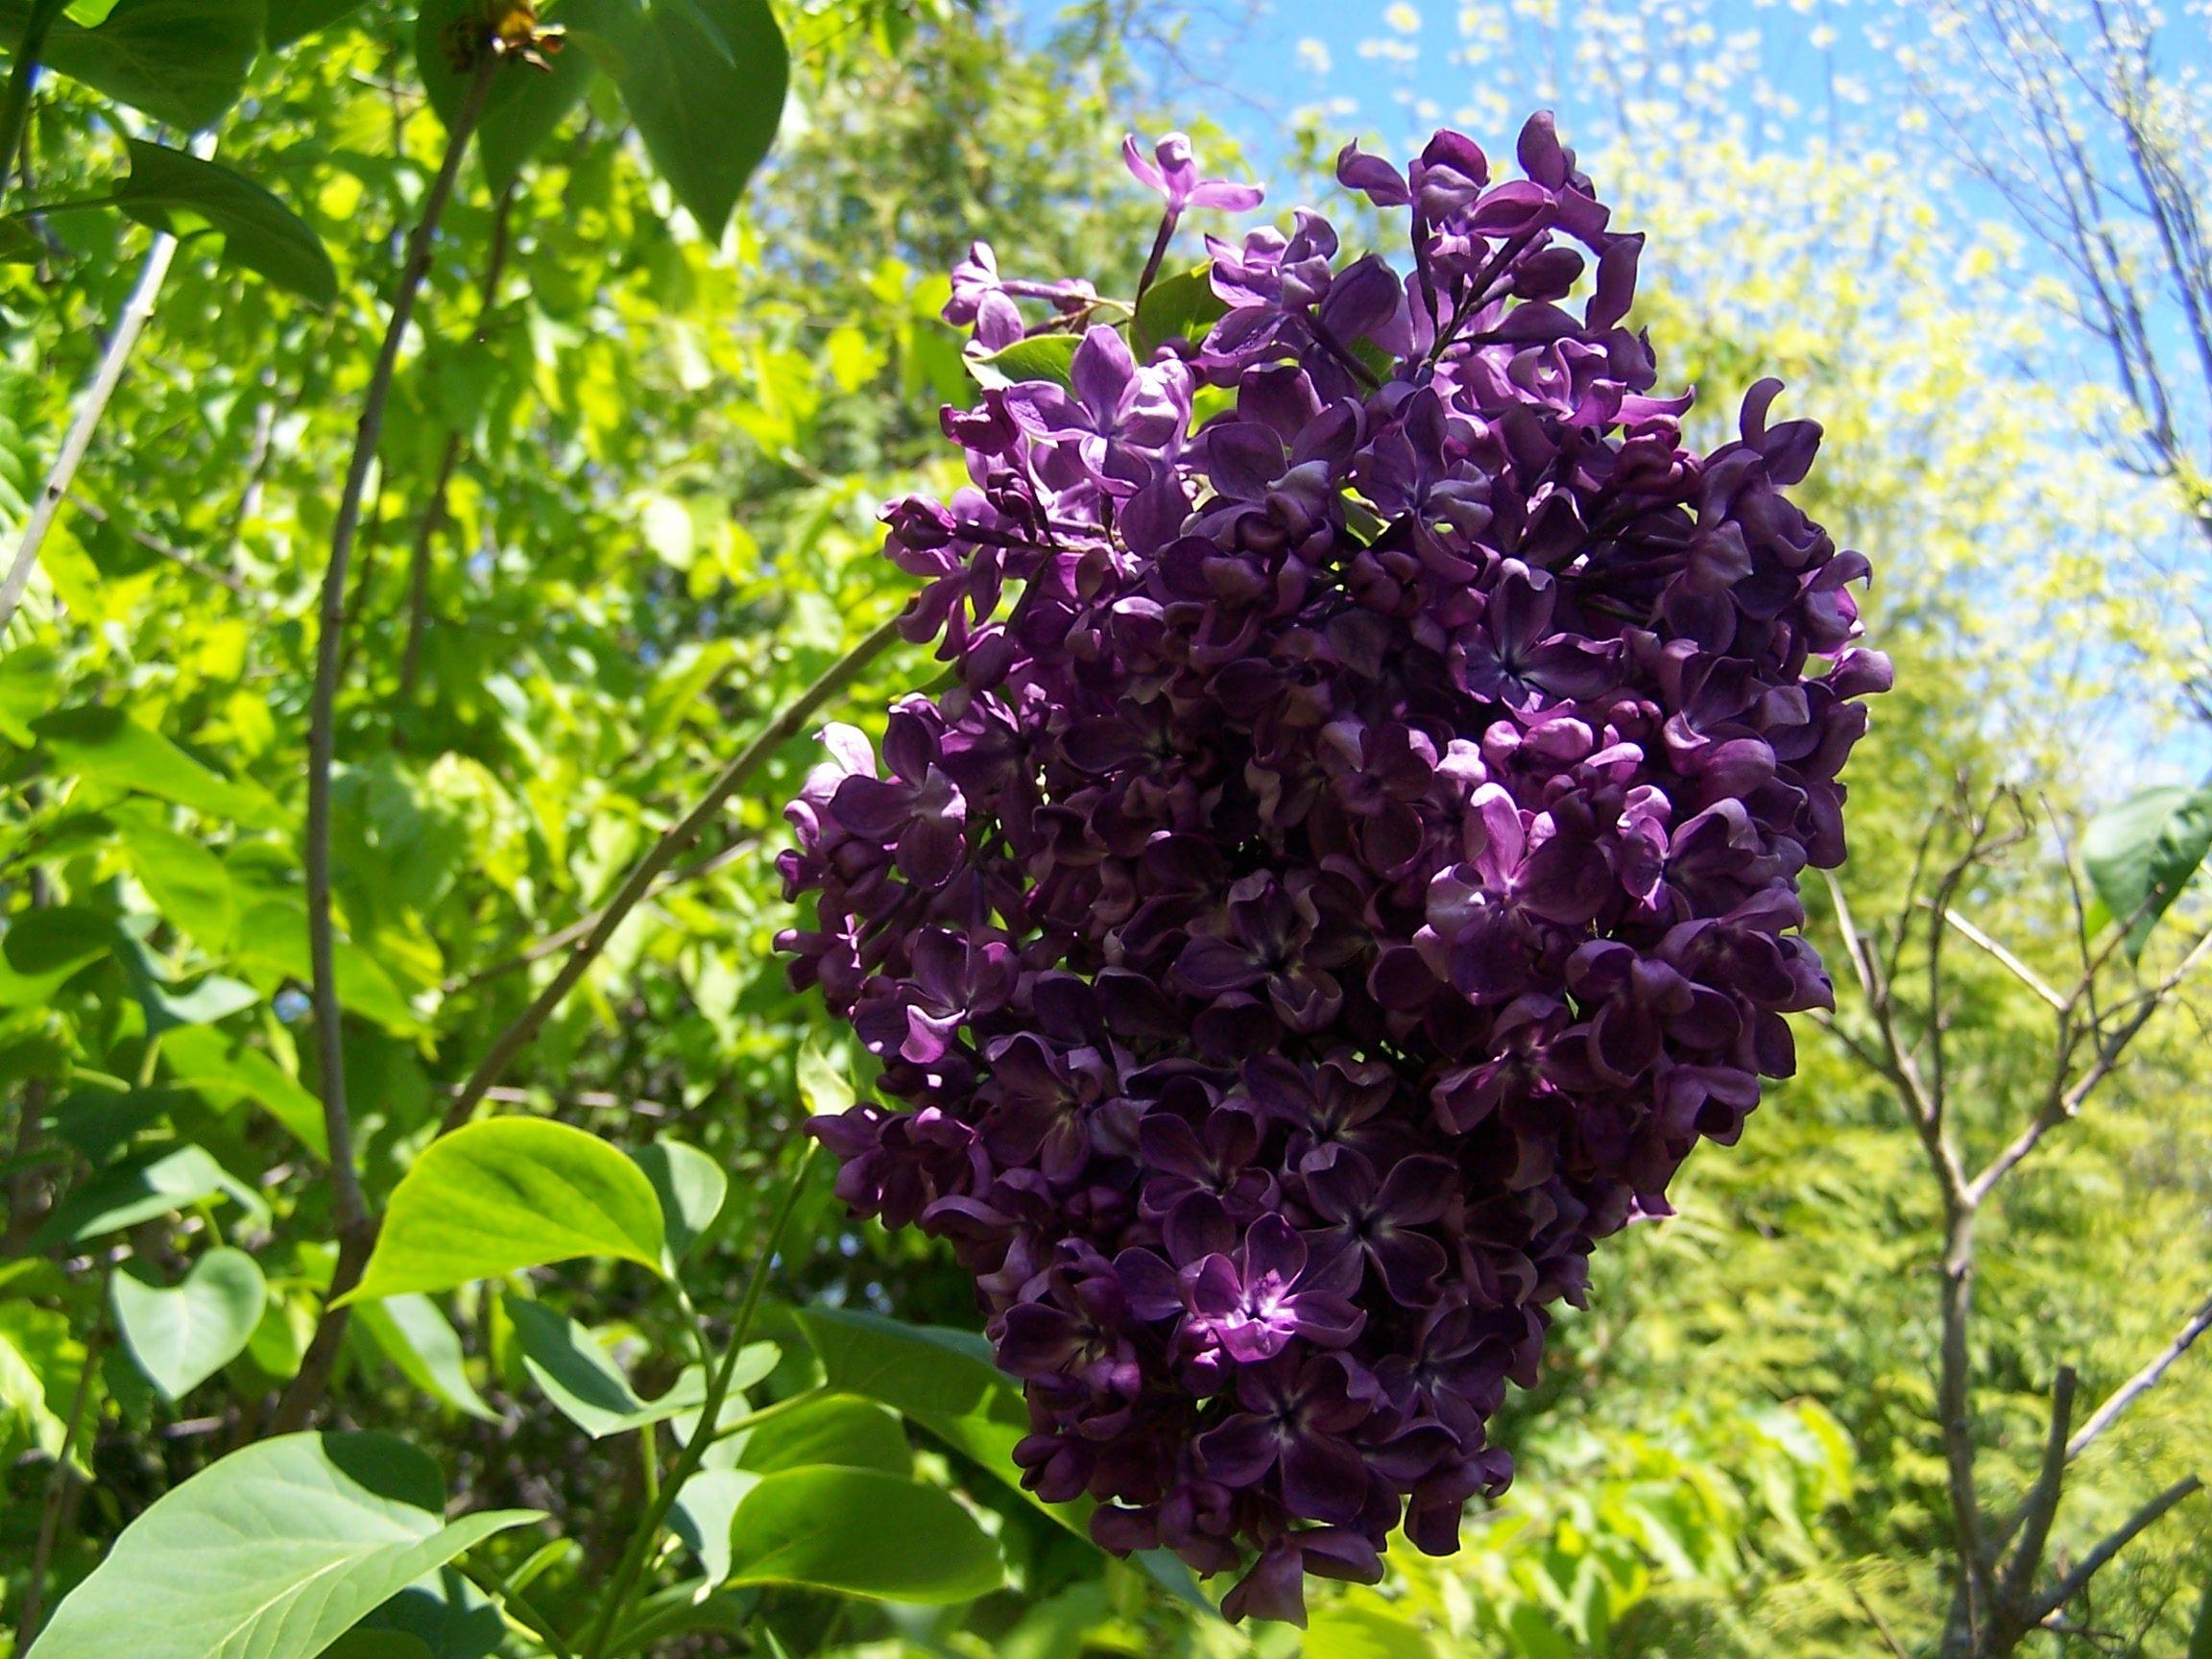 Pocohontas The Darkest Purple Lilac And Very Early Purple Lilac Syringa Vulgaris Lilac